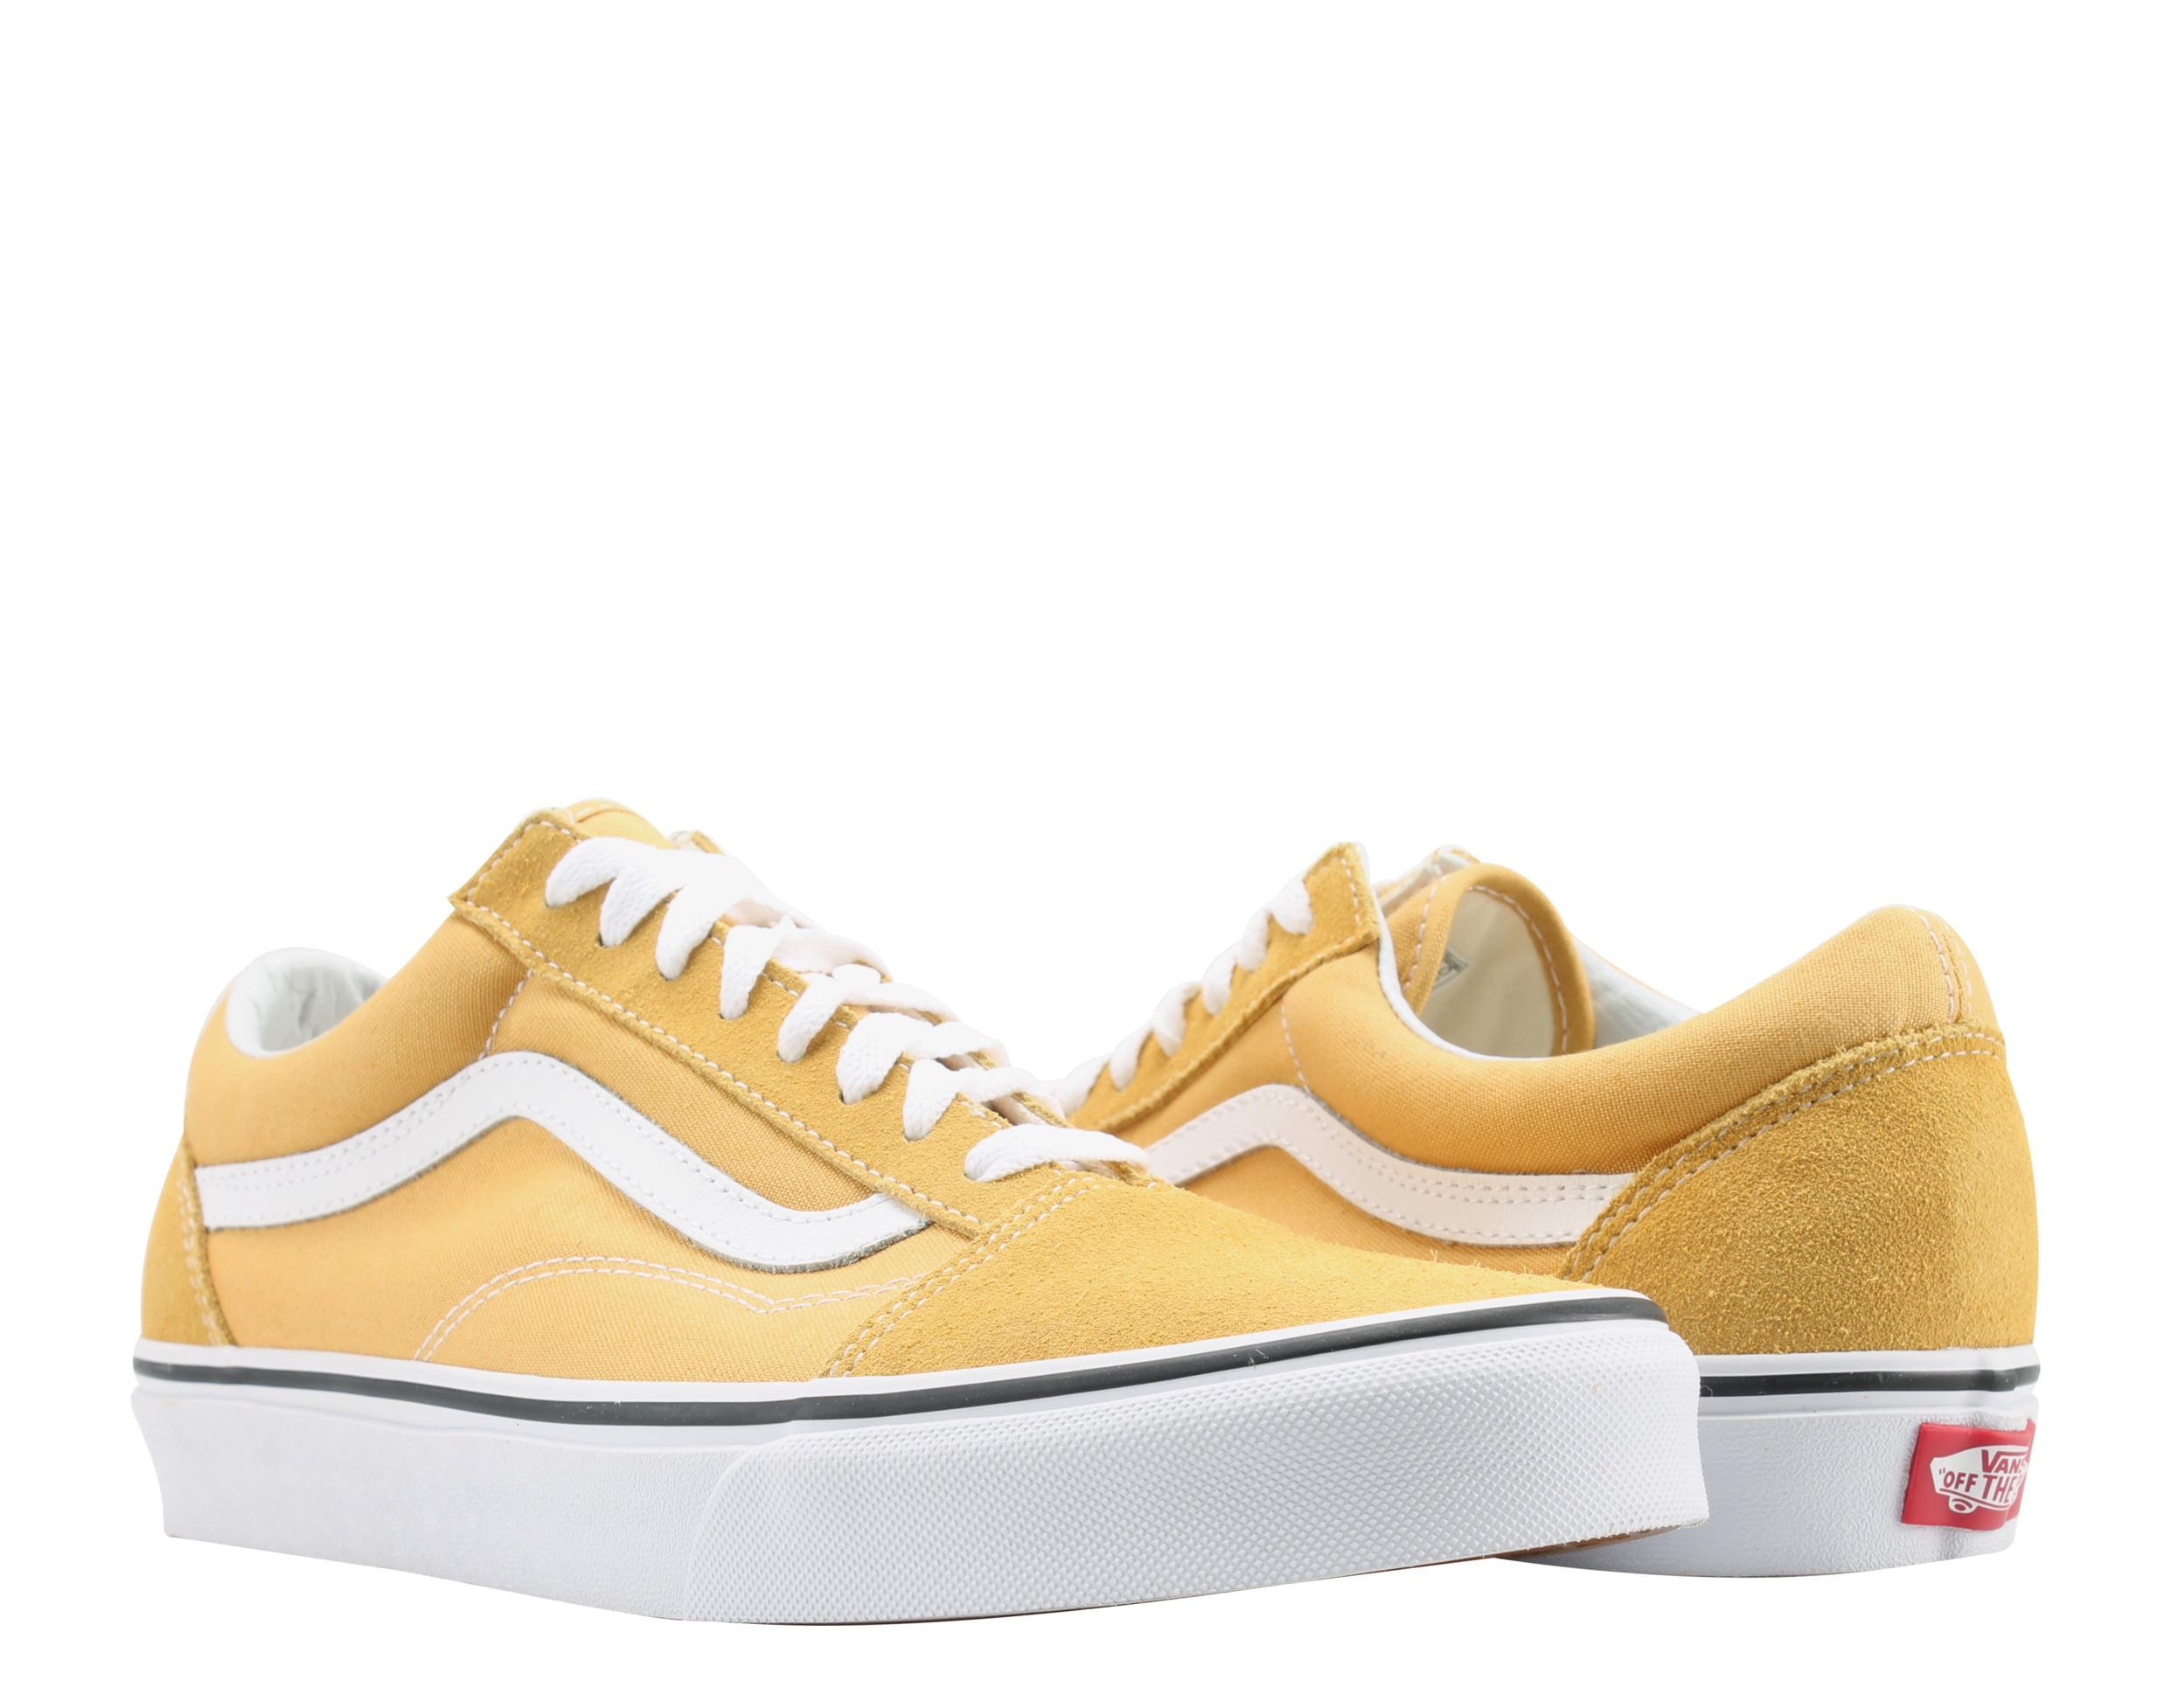 Vans Old Skool Ochre Yellow/White